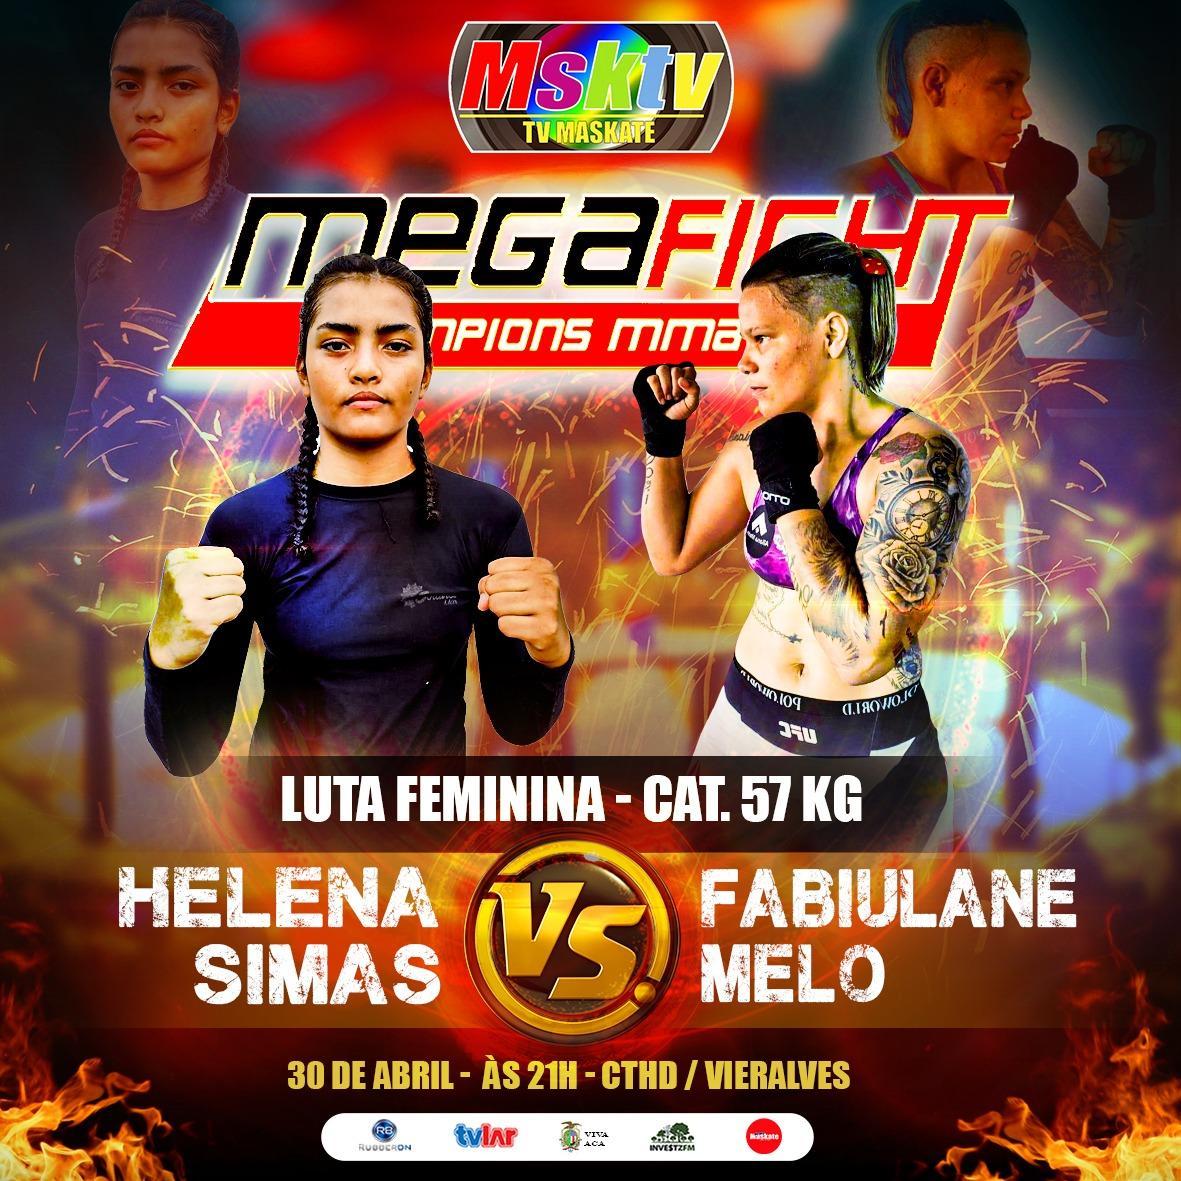 MEGA FIGHT 3.0 JÁ É O EVENTO DE MMA MAIS COMENTADO NA ATUALIDADE.